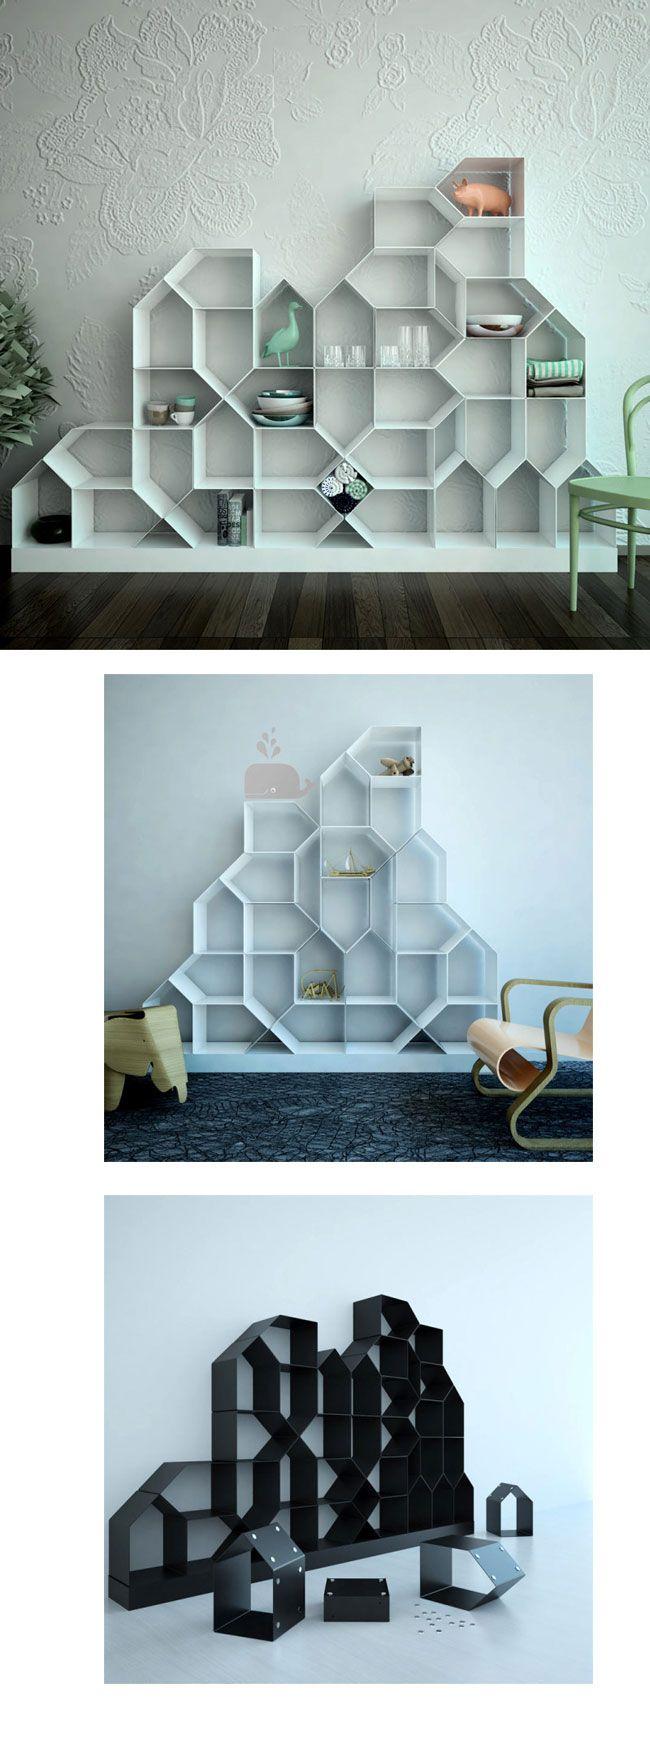 Mr.Less & Mrs.More to kolekcja półek, które można łączyć ze sobą w dowolnych konfiguracjach. Projekt Włoszki Antonelli Di Luca był prezentowany w czasie Mediolańskiego Tygodnia Designu. Punktem wyjściowym całej kolekcji był kształt domu  http://www.eksmagazyn.pl/design/cos-na-rzeczy/polka-modulowa/  #design #meble